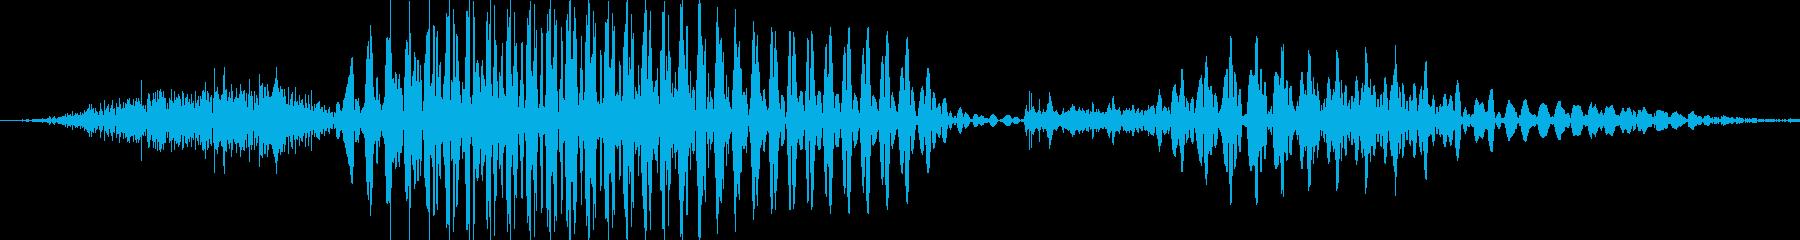 サンキューの再生済みの波形